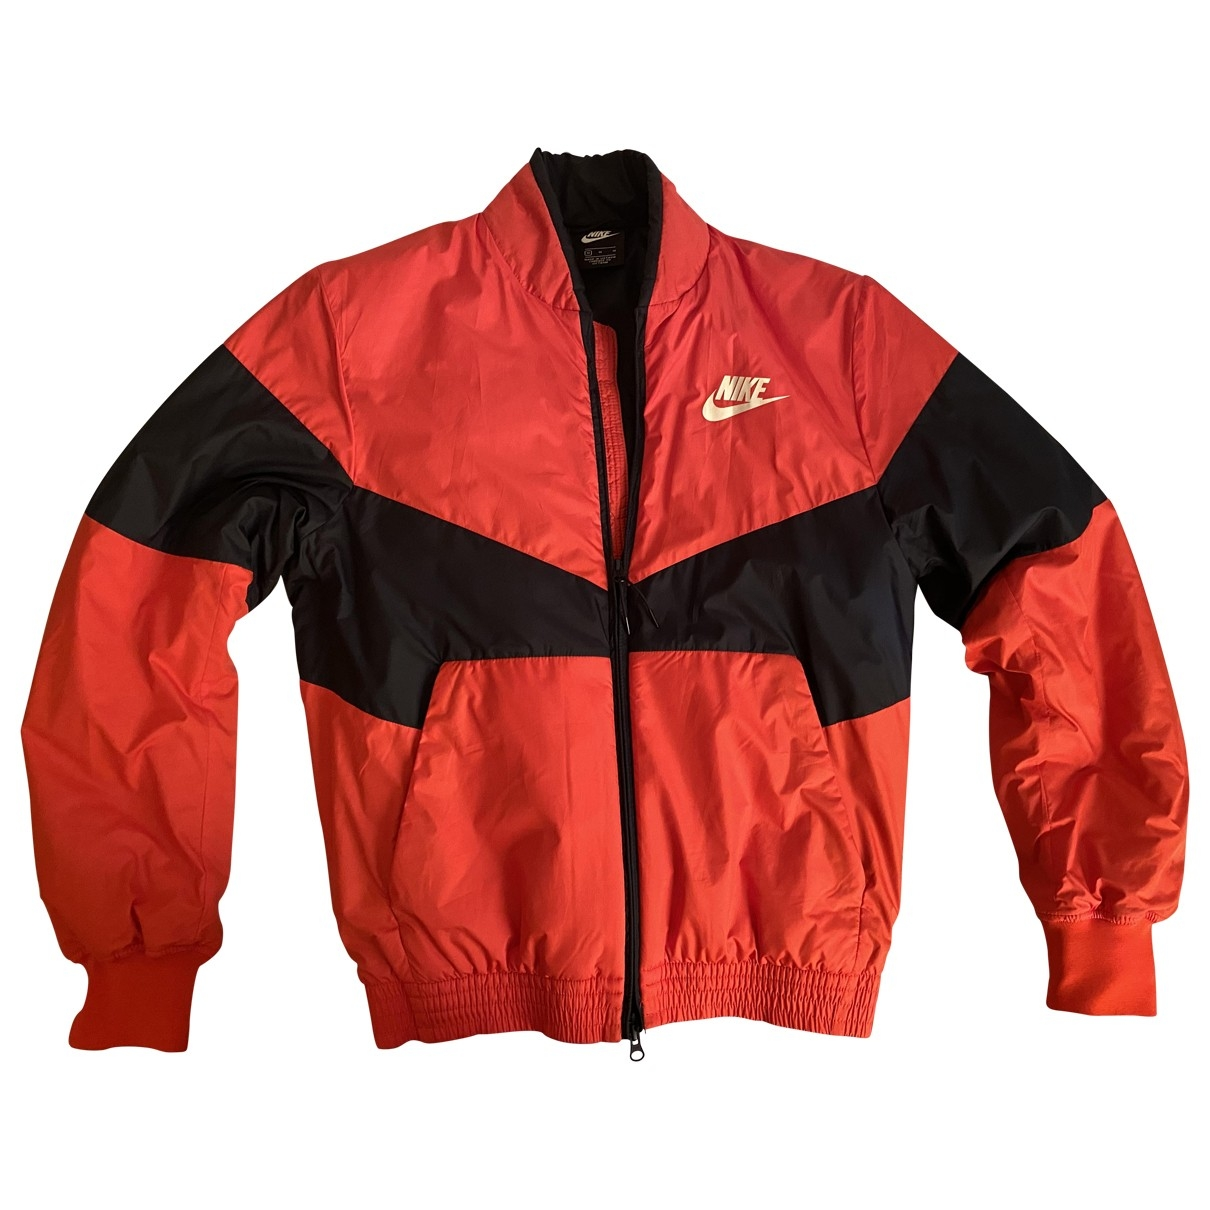 Nike - Vestes.Blousons   pour homme - rouge